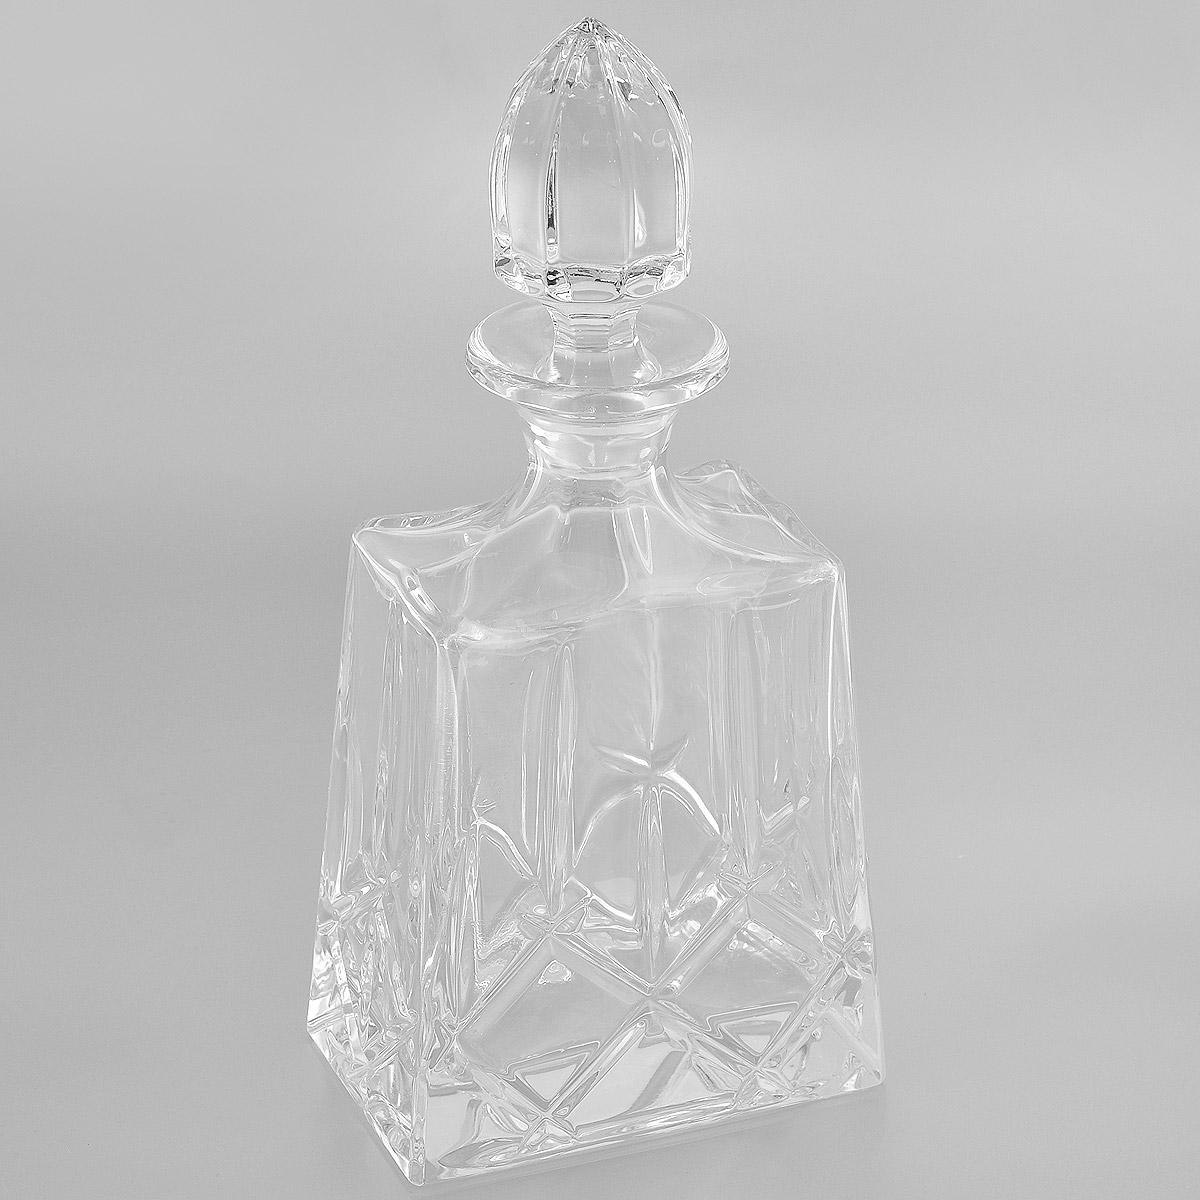 Графин Crystal Bohemia, 900 мл920/46100/1/52820/100-109Графин Crystal Bohemia выполнен из прочного высококачественного хрусталя и декорирован рельефом. Он излучает приятный блеск и издает мелодичный звон. Графин предназначен для хранения и красивой подачи виски и бренди. Он сочетает в себе изысканный дизайн с максимальной функциональностью и прекрасно впишется в интерьер вашей кухни. Графин не только украсит ваш кухонный стол и подчеркнет прекрасный вкус хозяйки, но и станет отличным подарком.Высота (без пробки): 21 см.Размер основания: 13,5 см х 9 см.